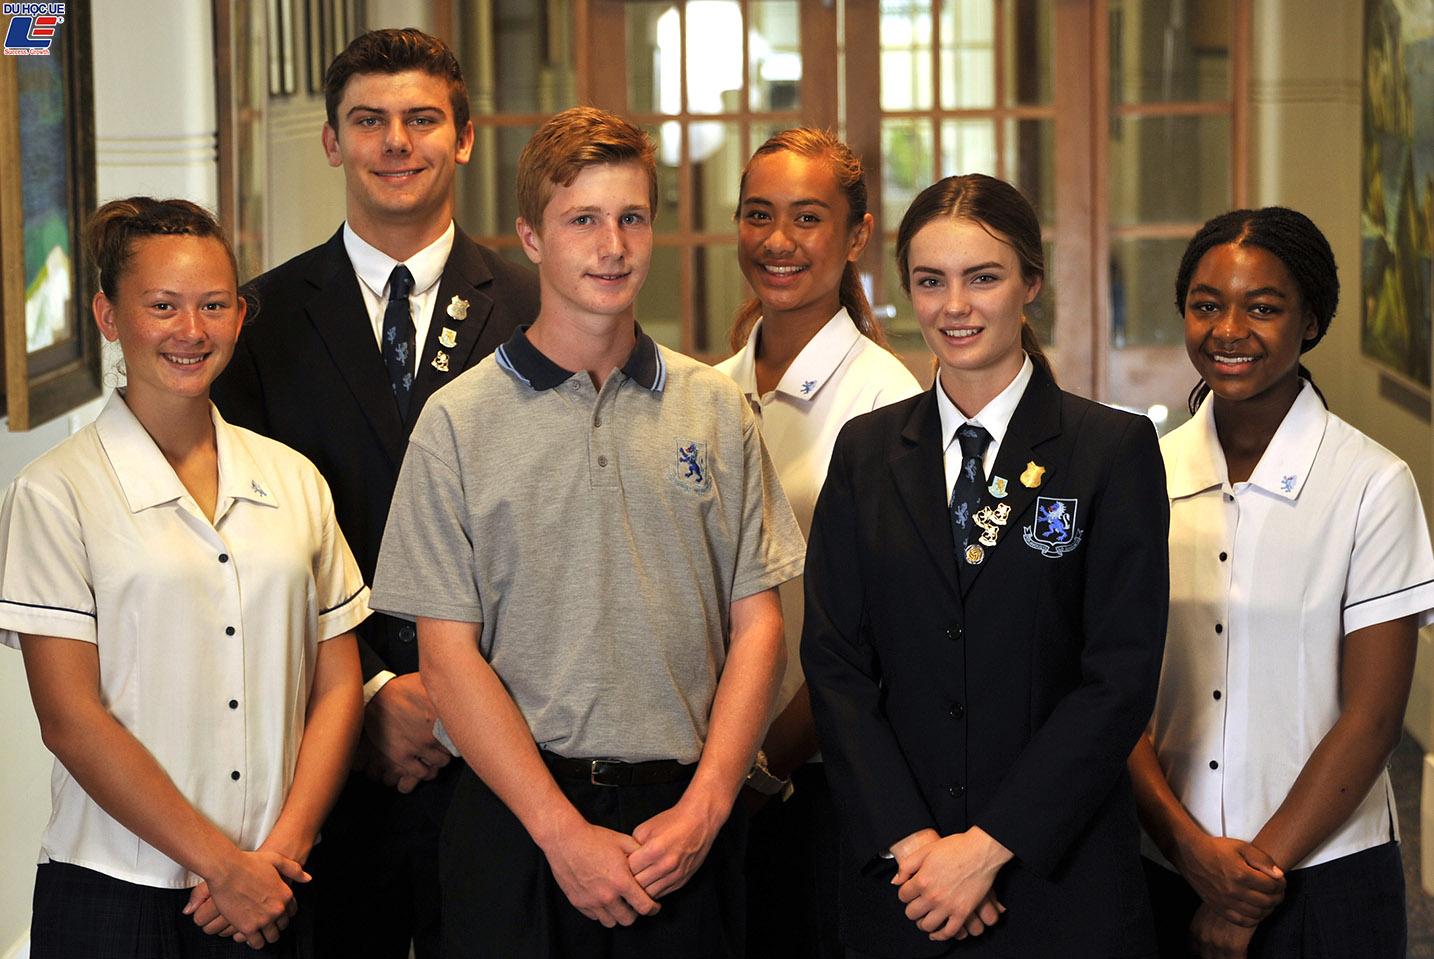 Học bổng hấp dẫn của chính phủ New Zealand dành cho chương trình trung học phổ thông vào trường Mount Albert Grammar School 2